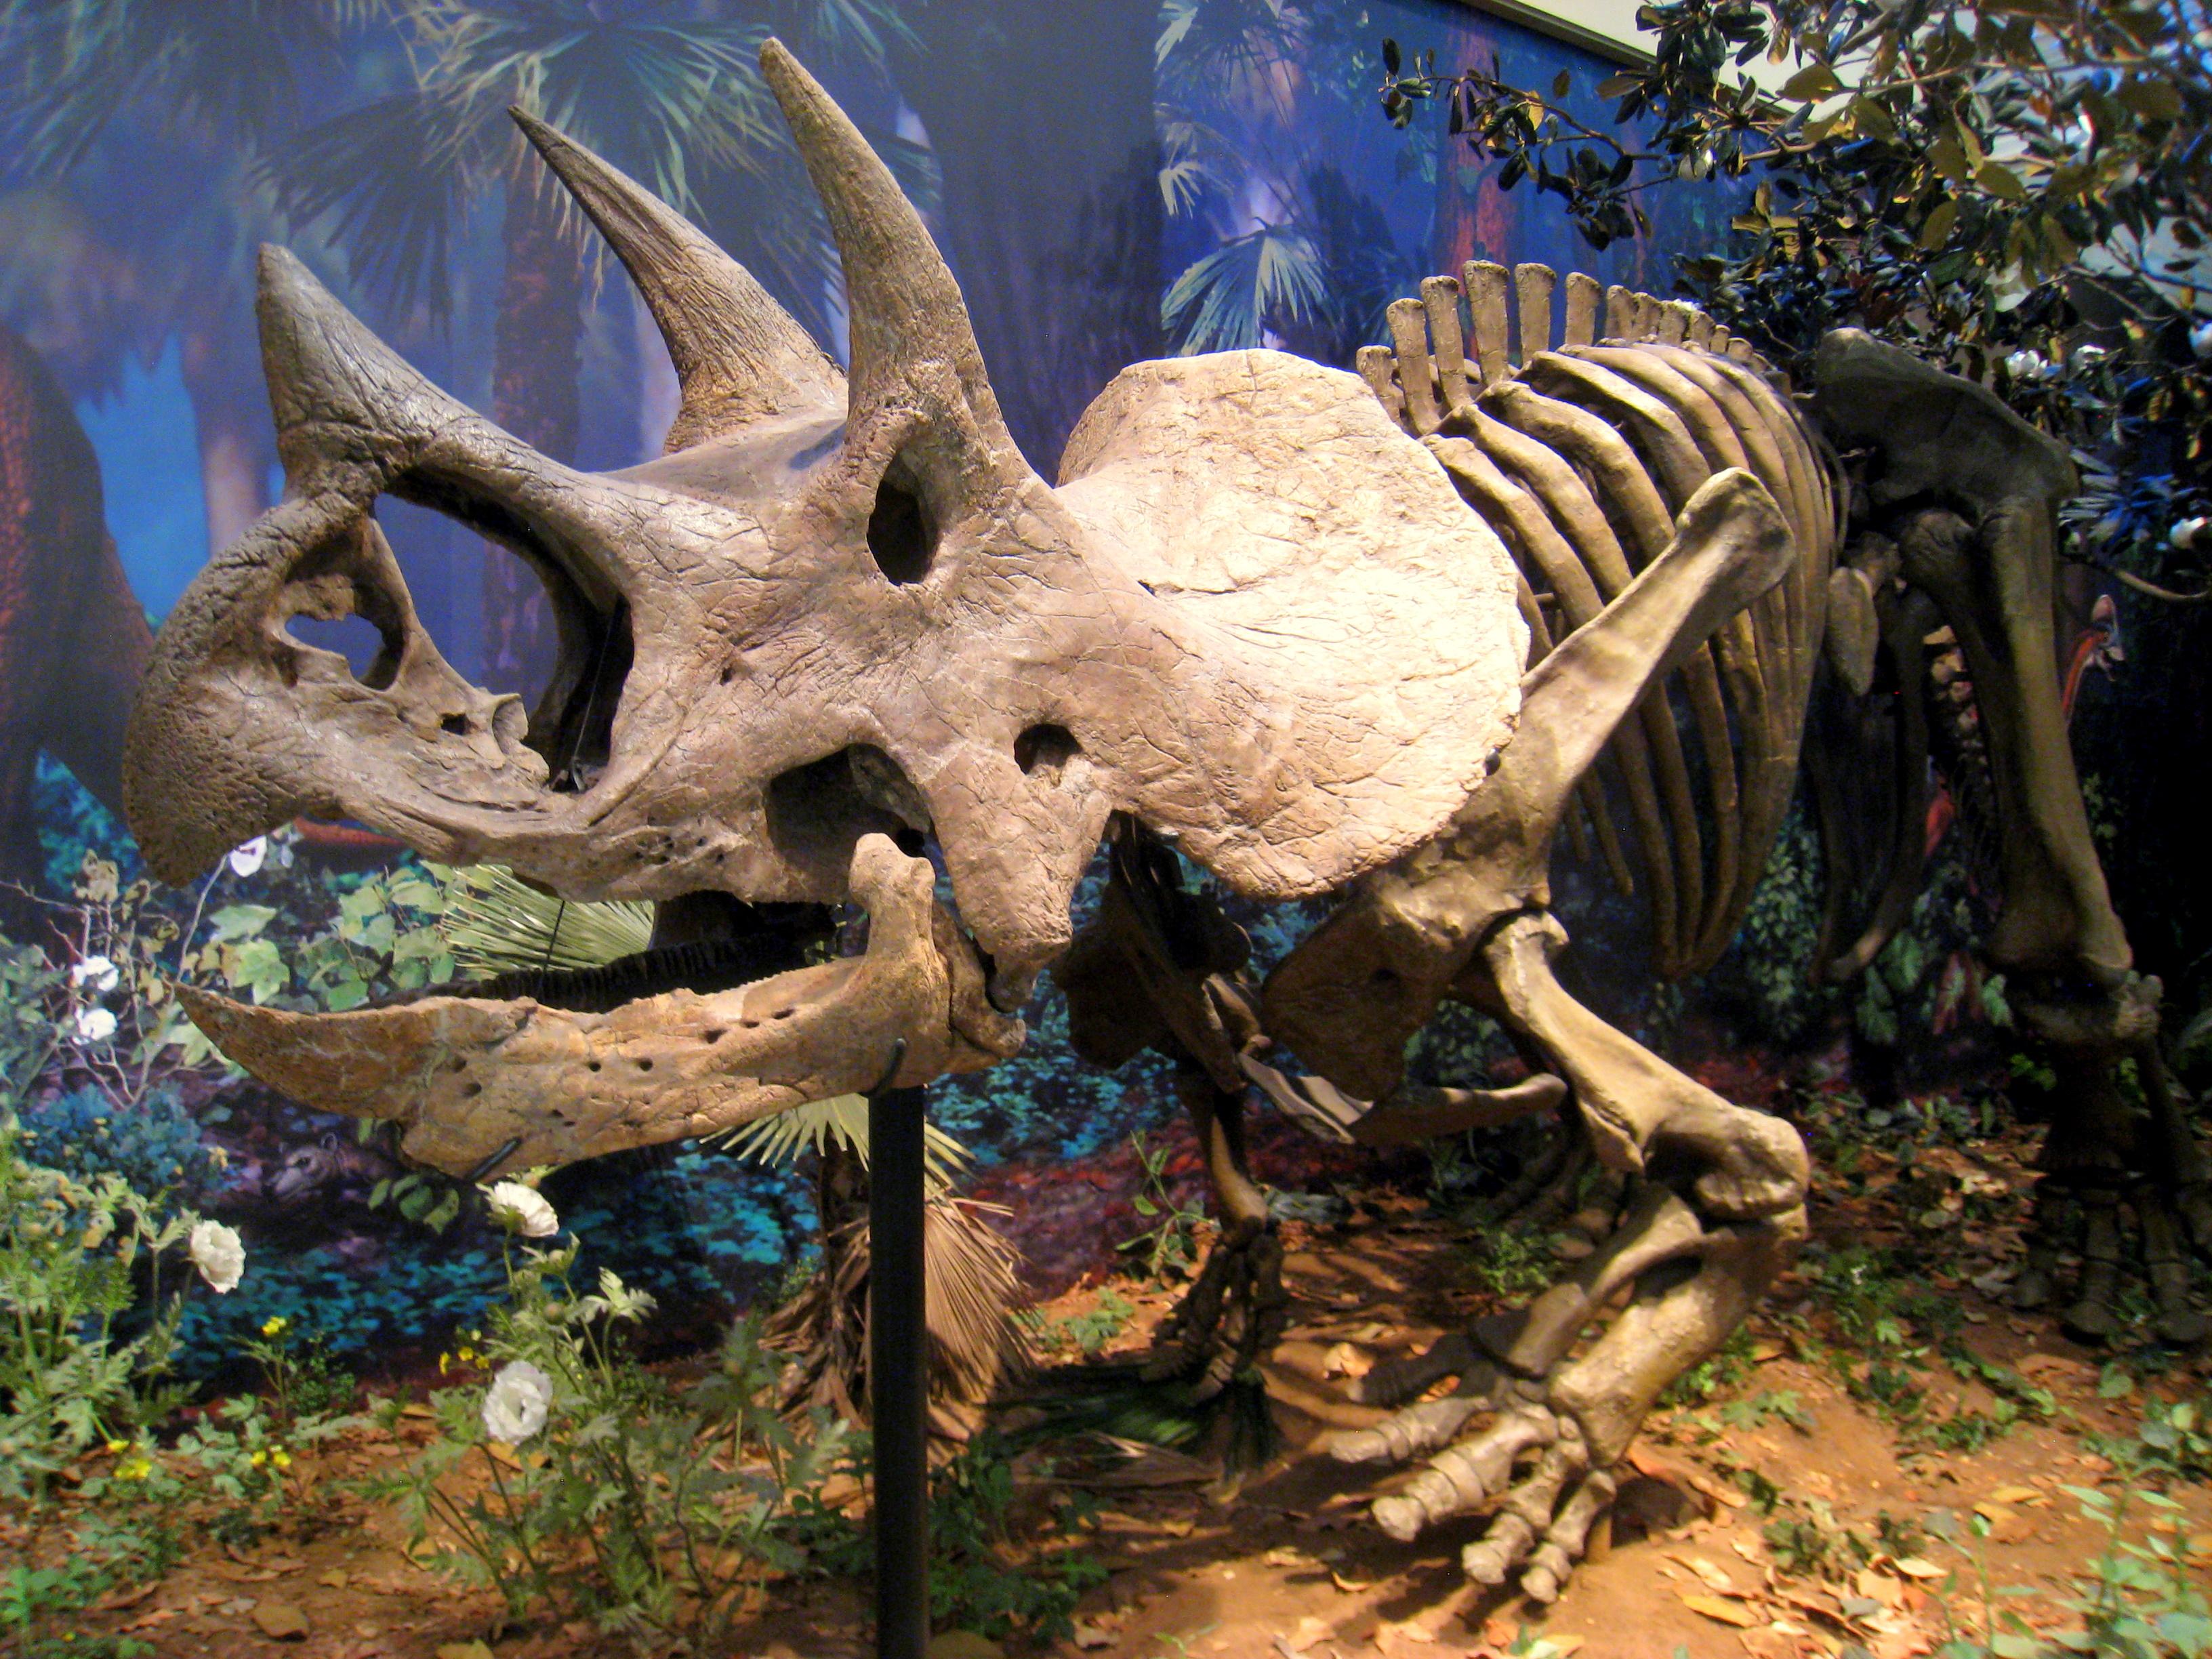 Nejpravděpodobnějším původcem kostních fragmentů v koprolitu bylo mládě rohatého dinosaura rodu Triceratops (kostra v expozici Carnegie Museum of Natural History na fotografii) nebo mládě kachnozobého dinosaura rodu Edmontosaurus. Kredit: Daderot, Wi